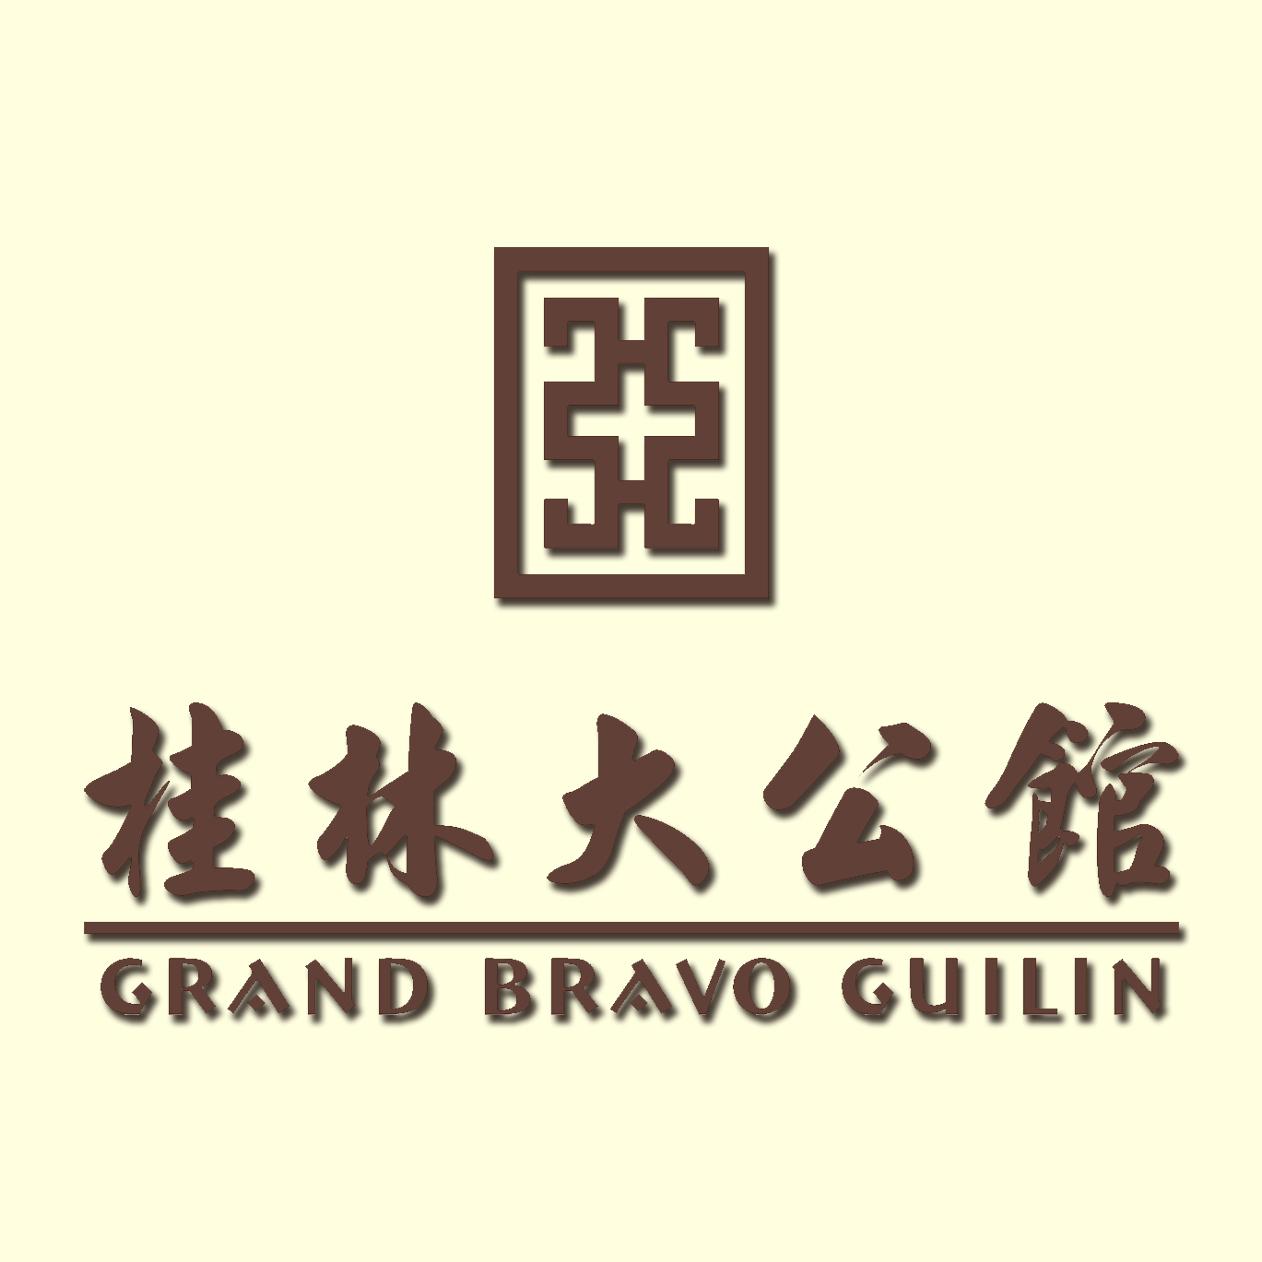 【桂林大公馆】桂林市大公馆酒店有限责任公司招聘:公司标志 logo